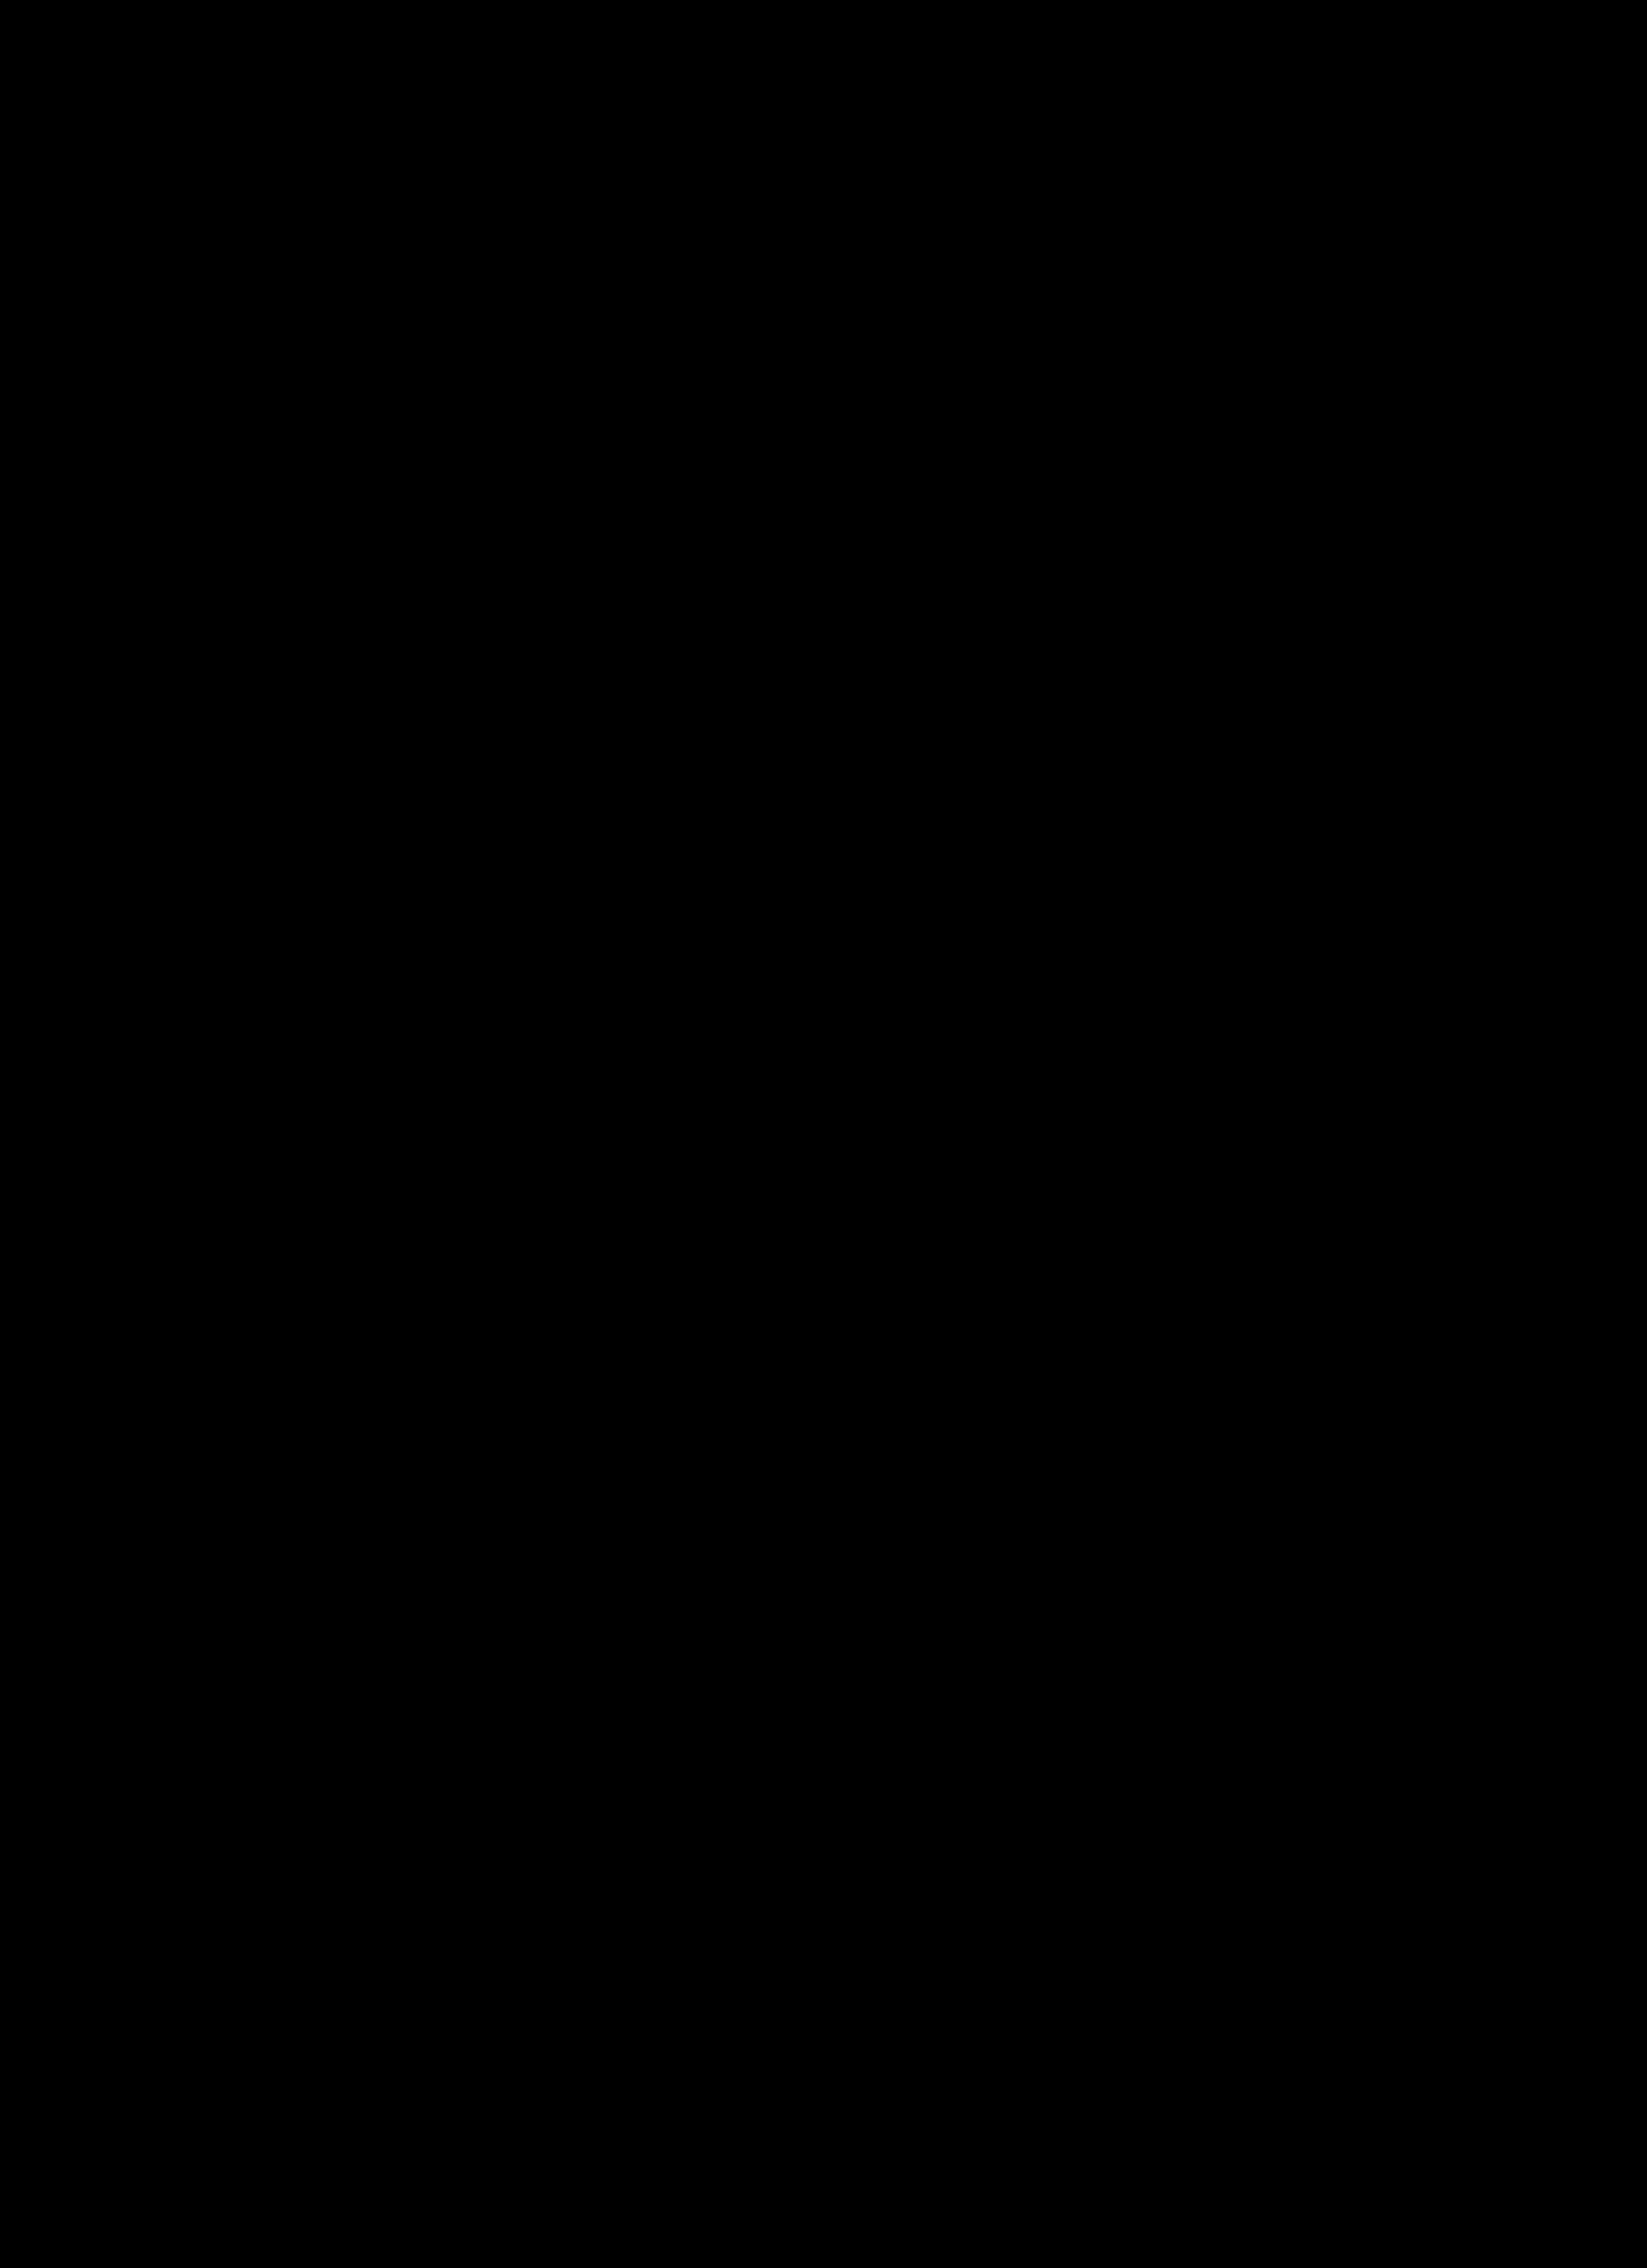 rg-242-various-german-world-war-ii-maps-5-eastern-europe-7-1941